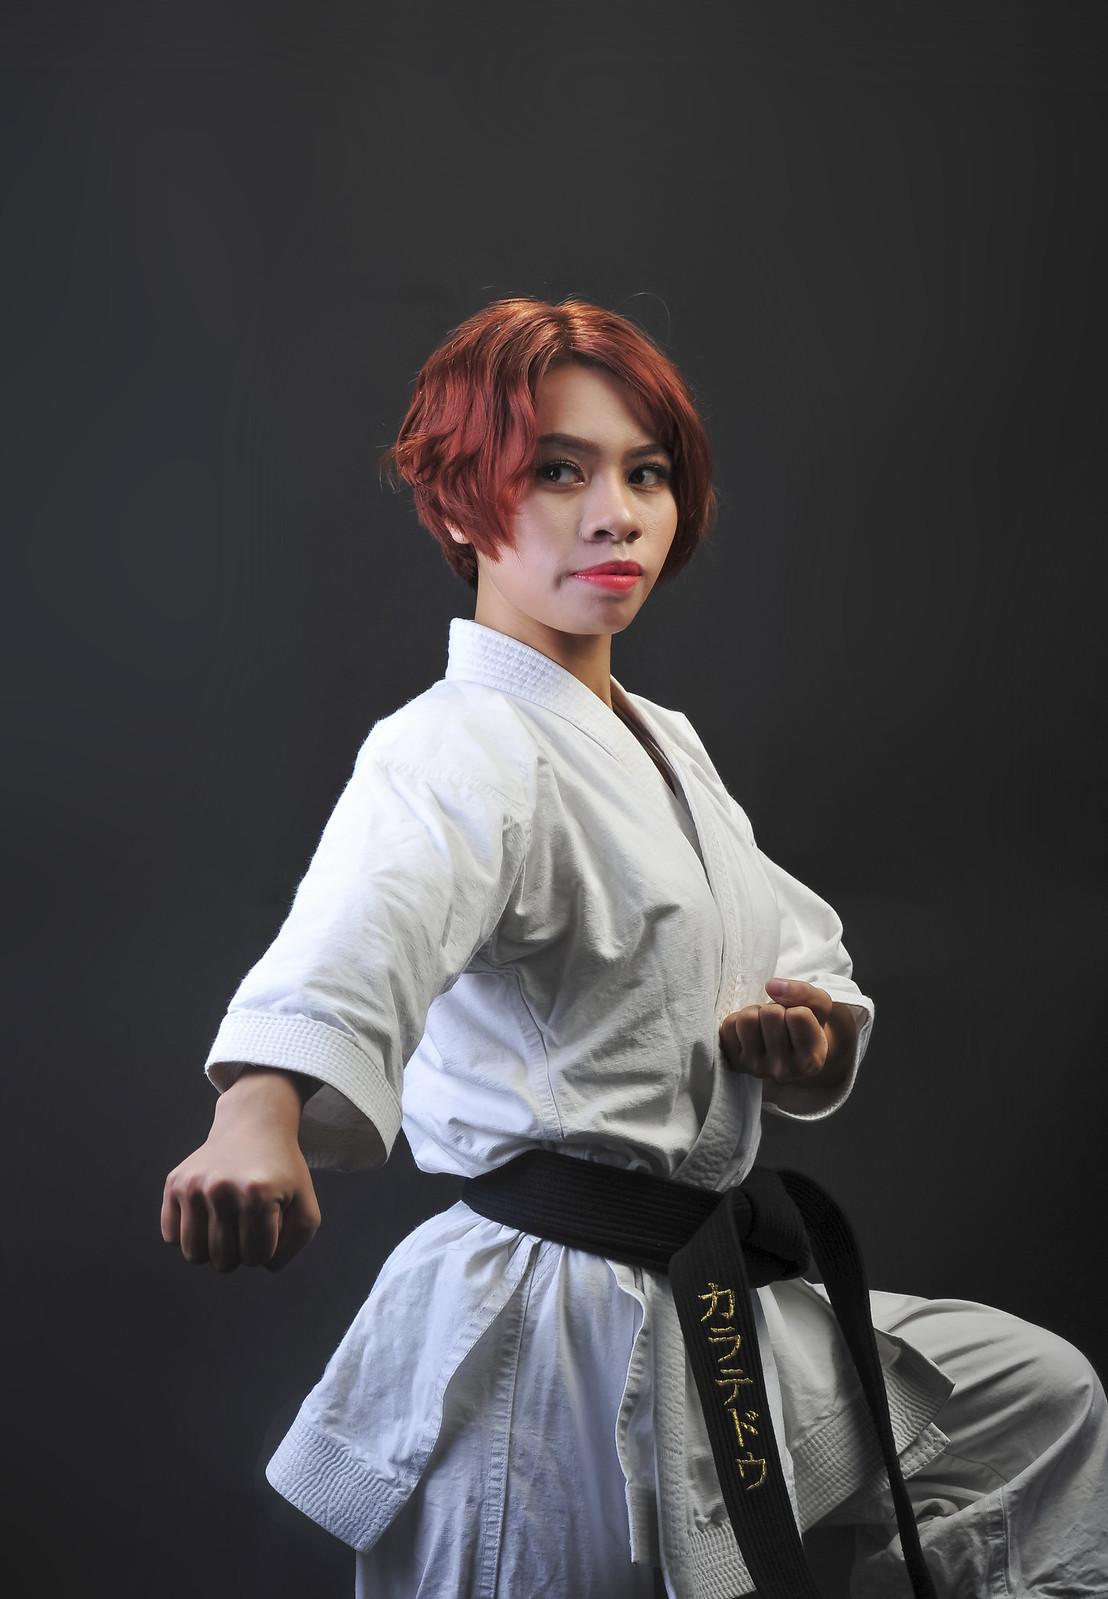 28111996477 7186526bad h - Bộ ảnh võ thuật Karate Girl phiên bản Việt